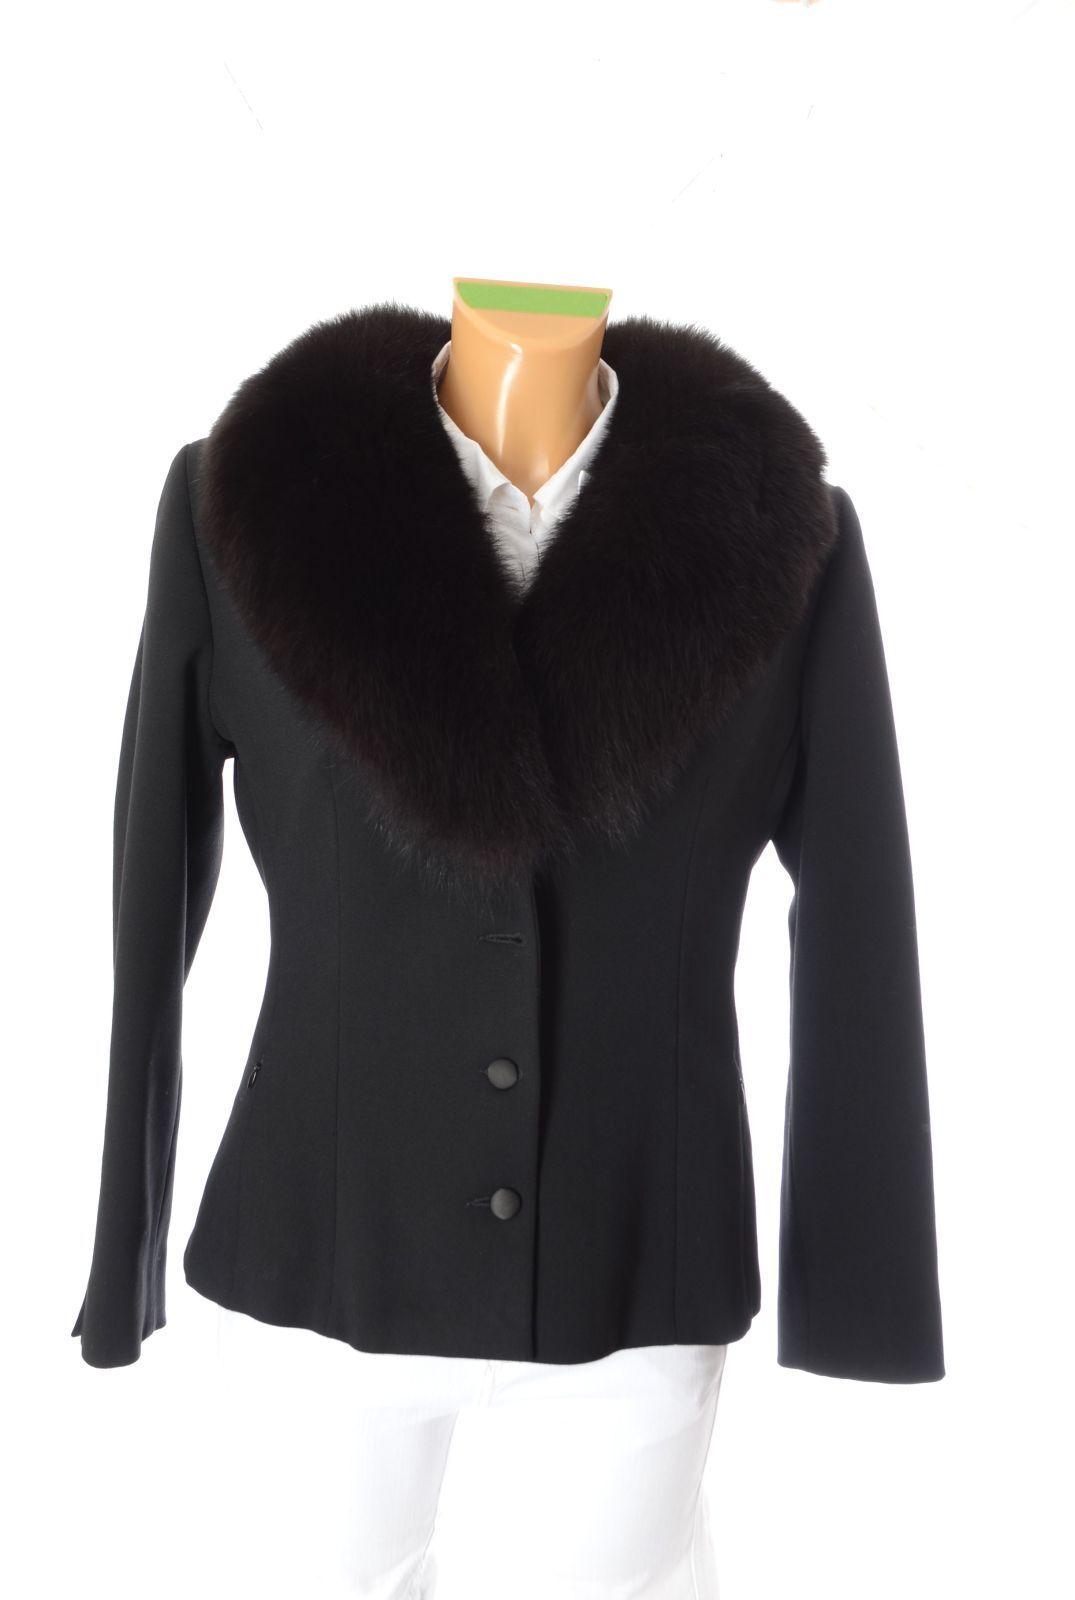 02f79434a1c53e Blaumarine Designer Jacke Gr.M 38 40 Schwarz Wolle Echtfell Kragen Damen  Mantel nshnrx2741-neue Kleidung